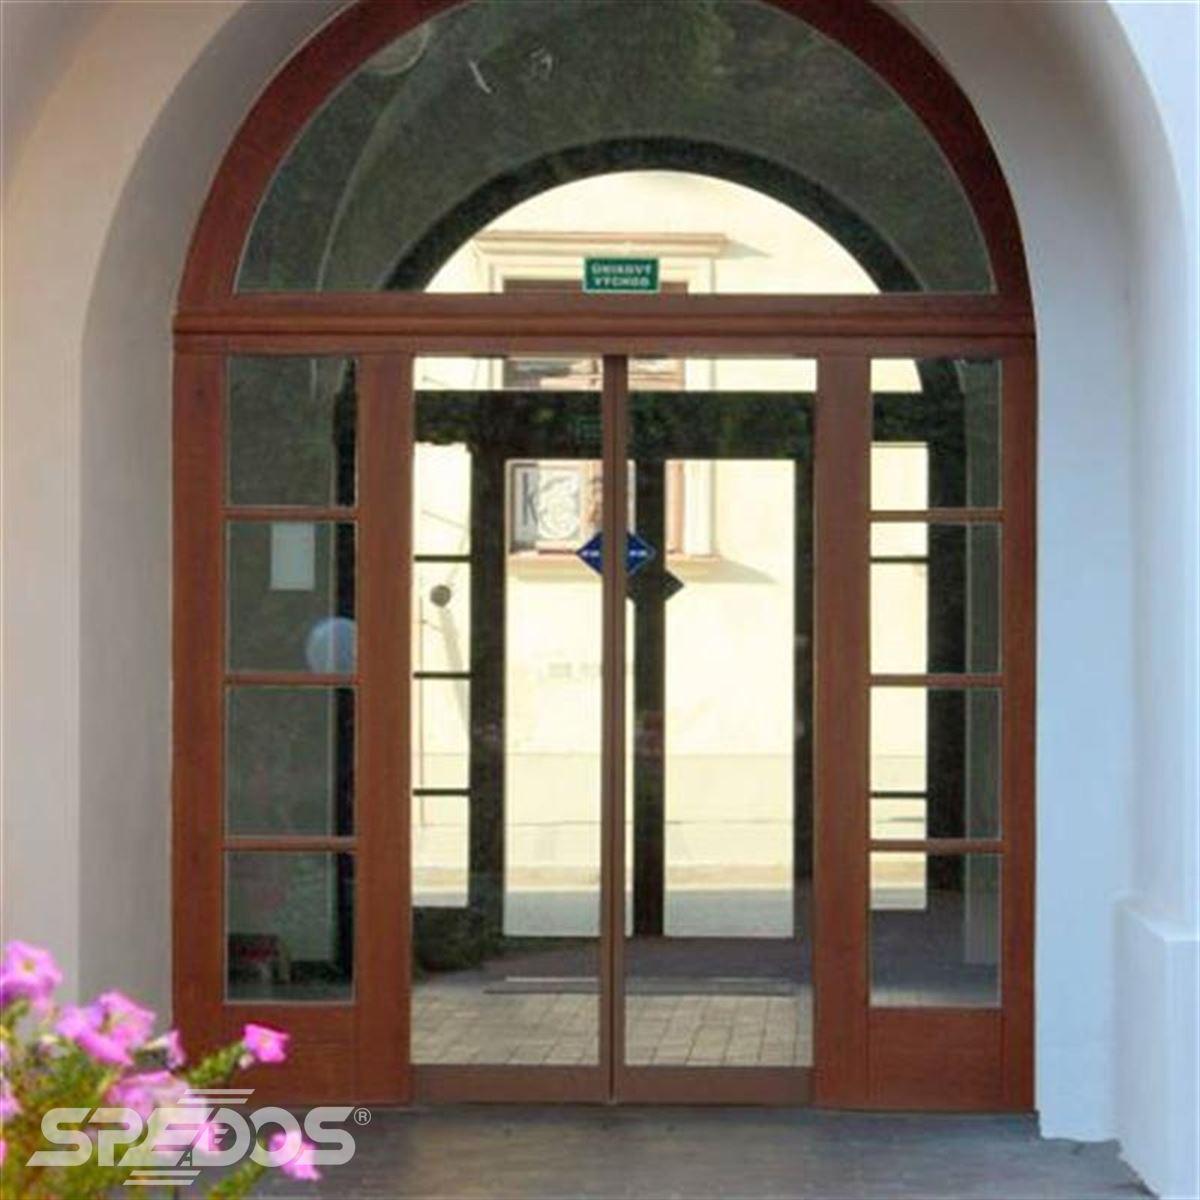 Dvoukřídlé automatické dveře v městském úřadu Uherský Brod